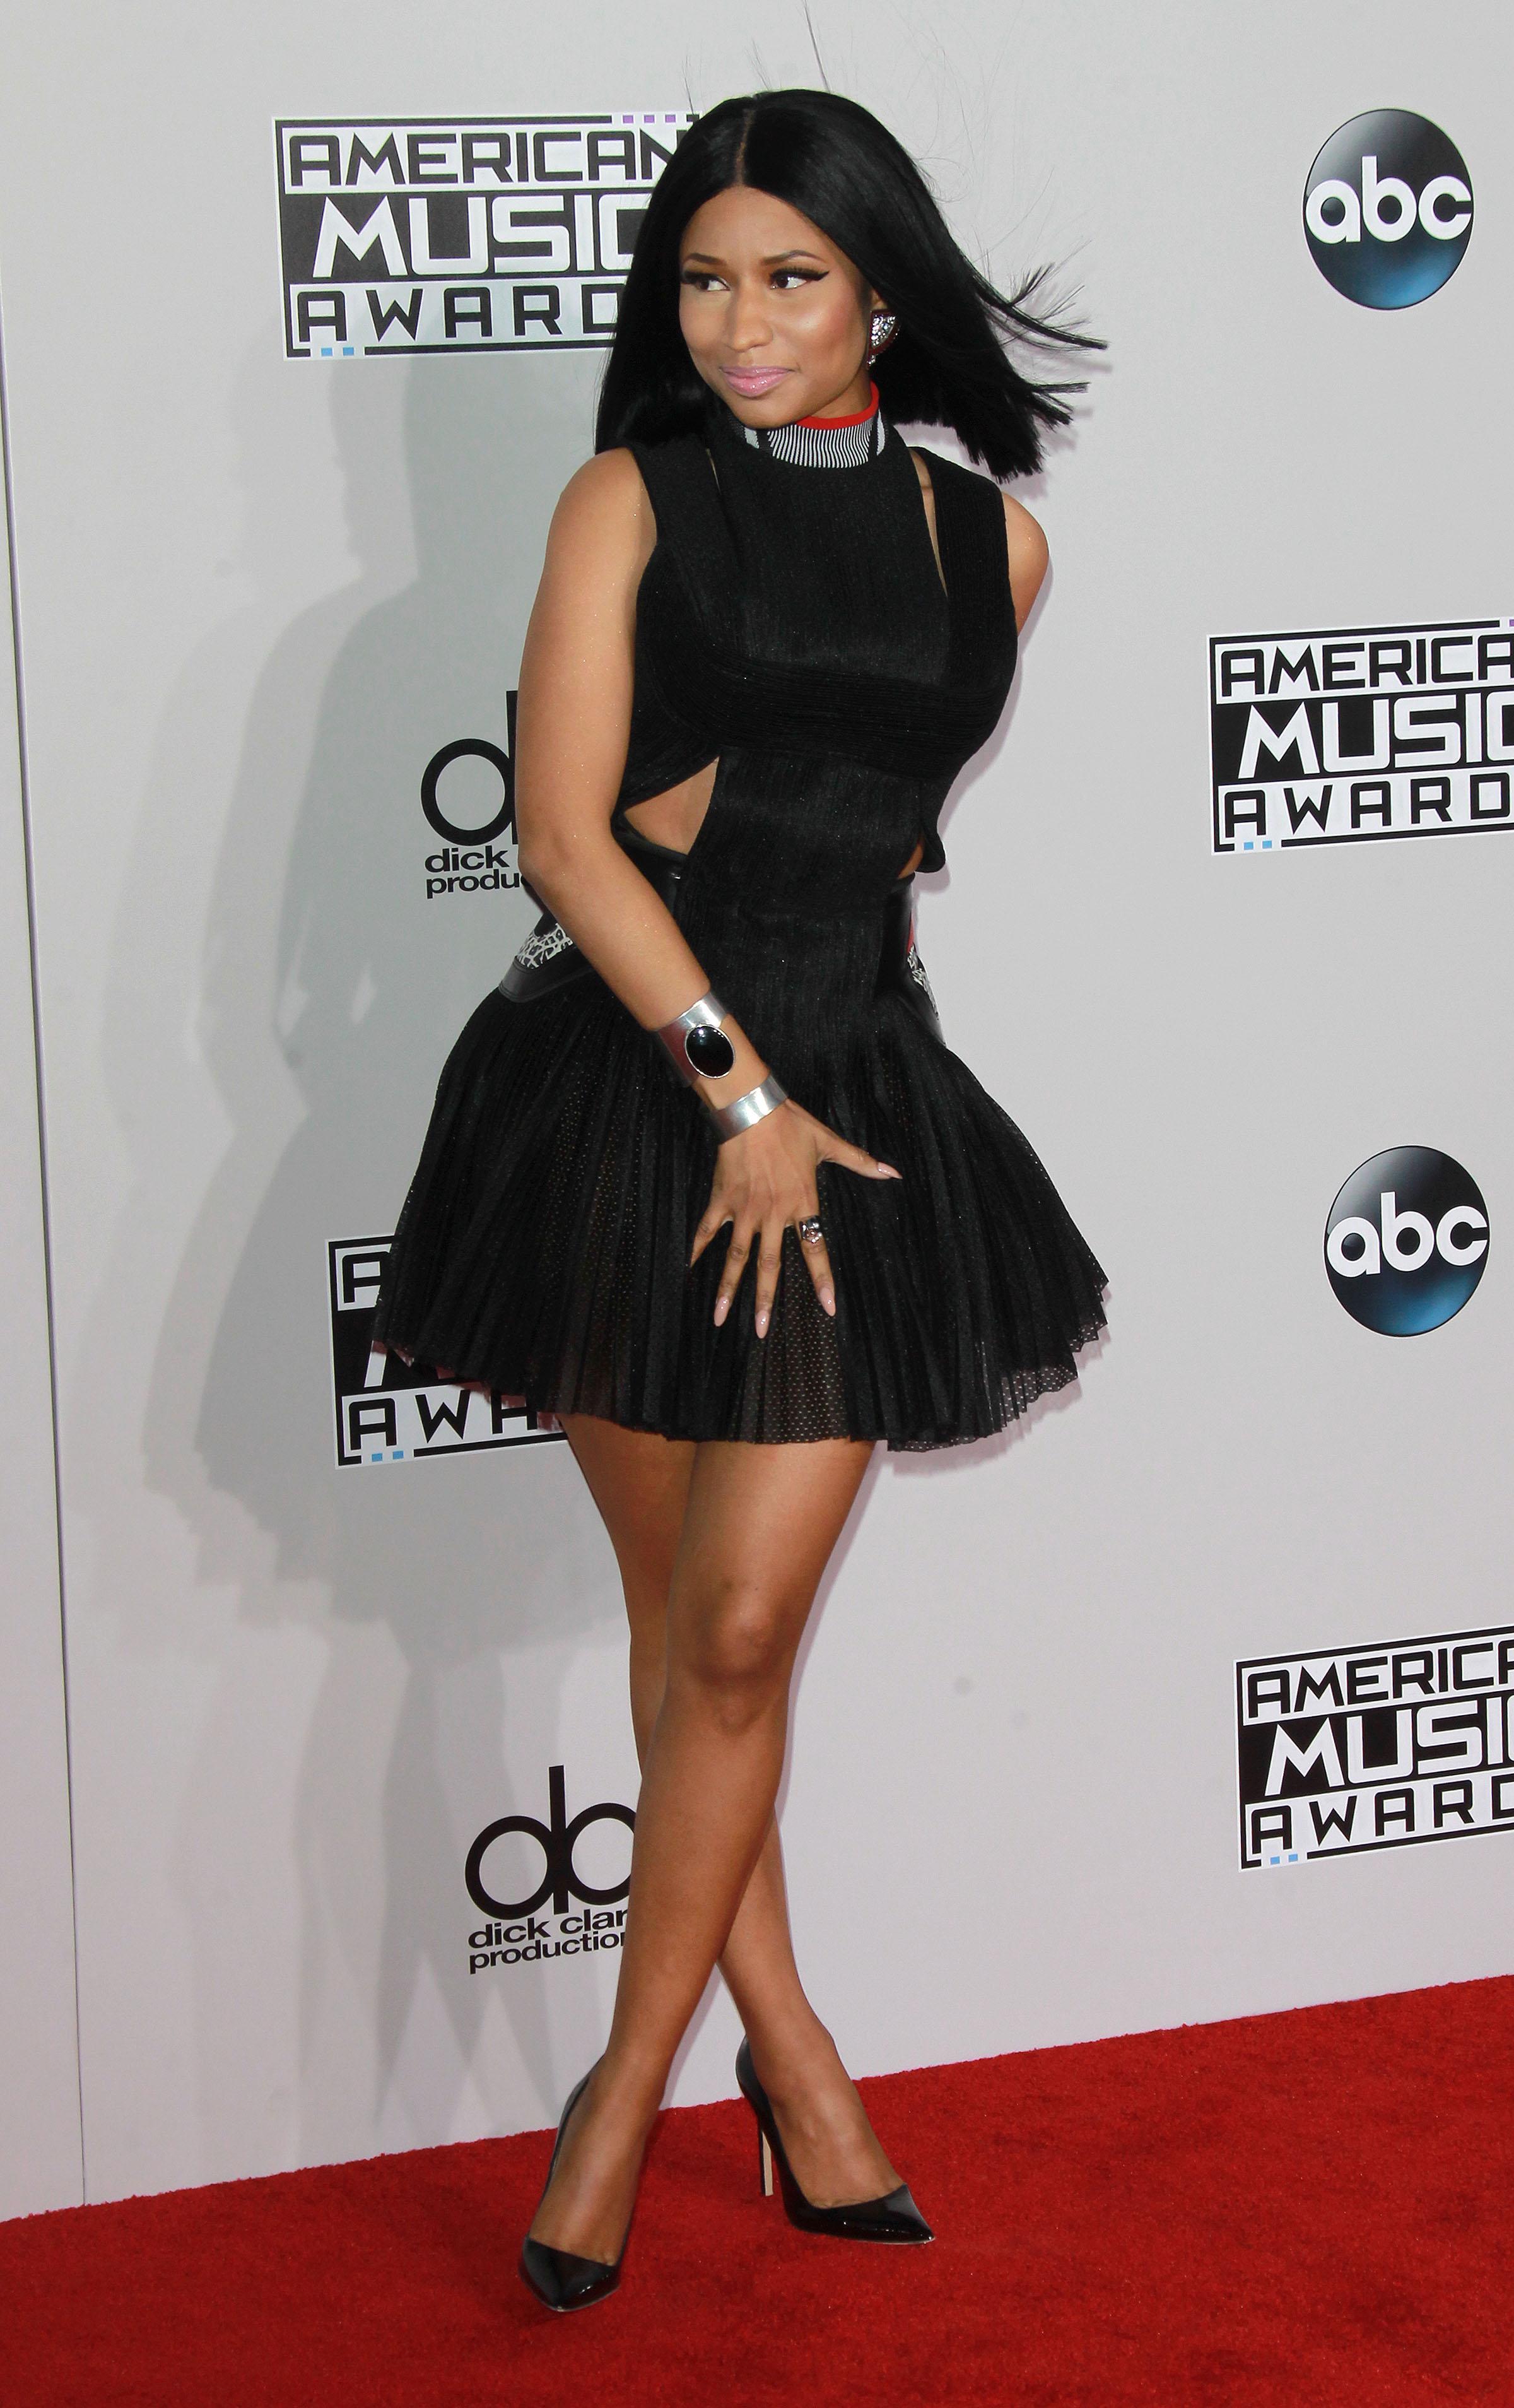 Nicki Minaj arriving at the 2014 American Music Awards